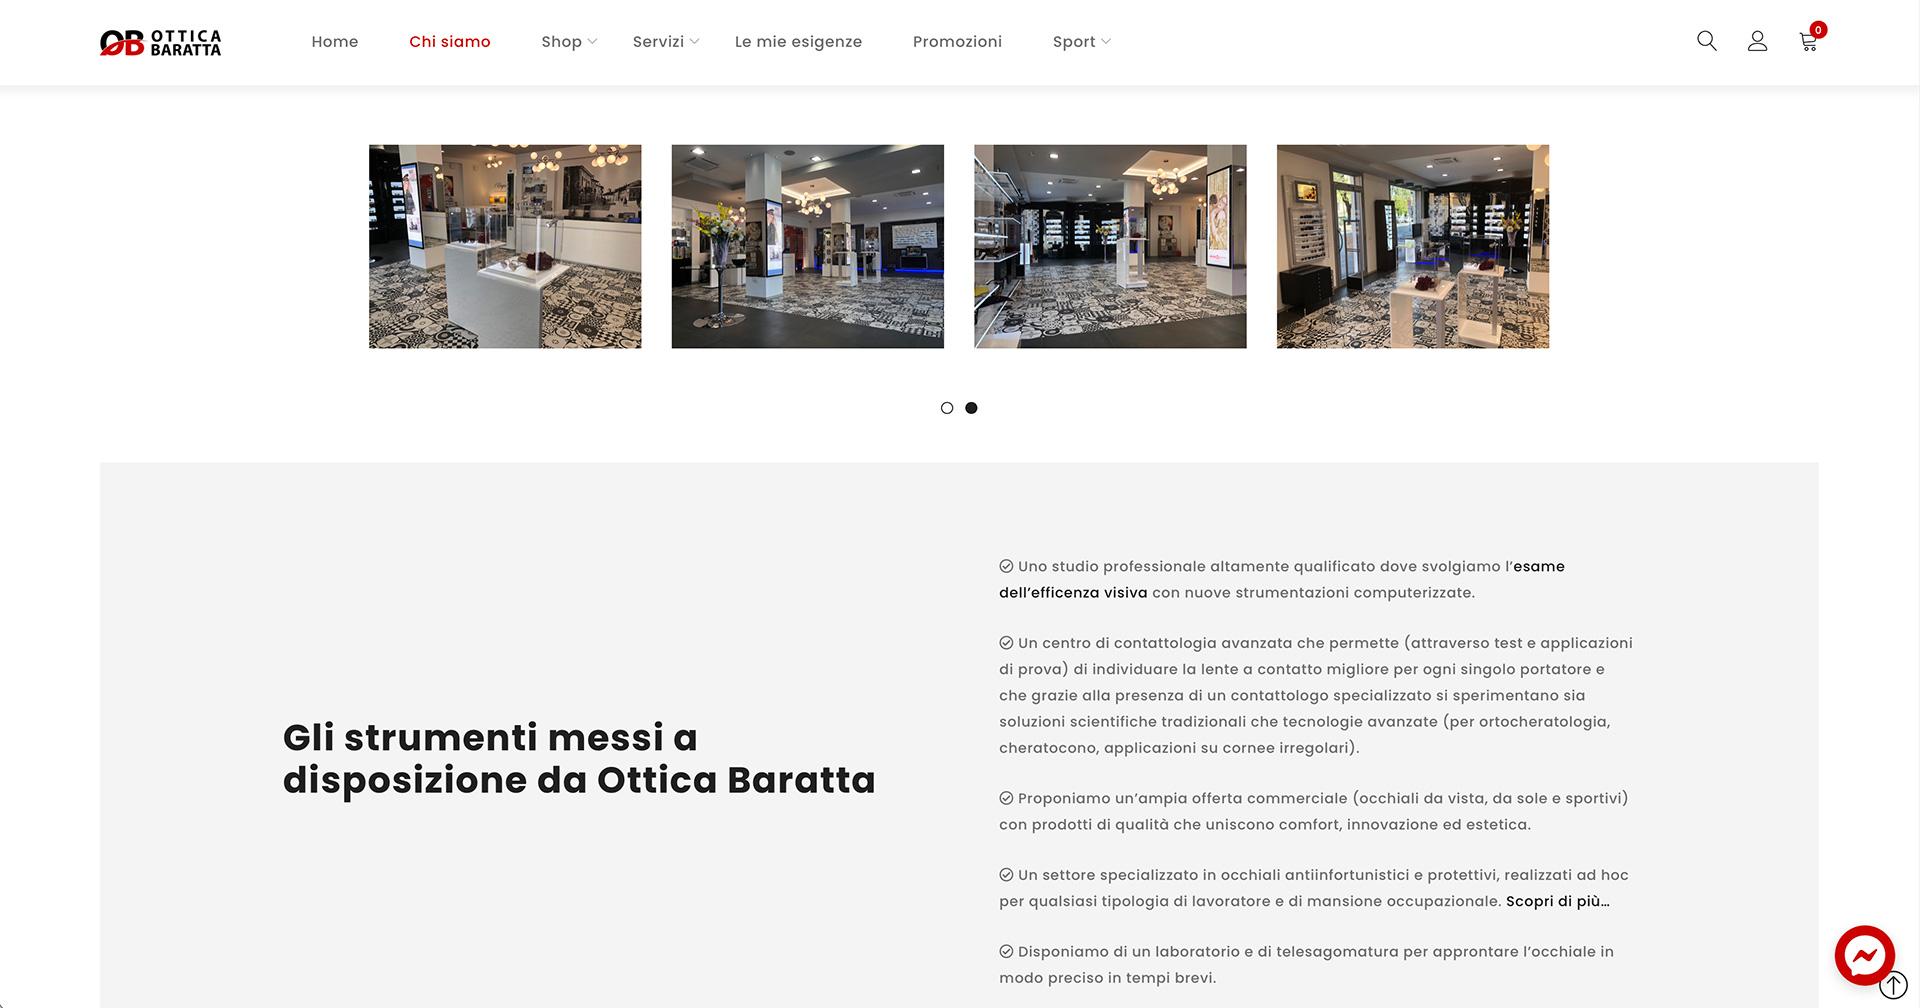 sito-web-ecommerce-vendita-occhiali-ottico-baratta-ghedi-brescia-6